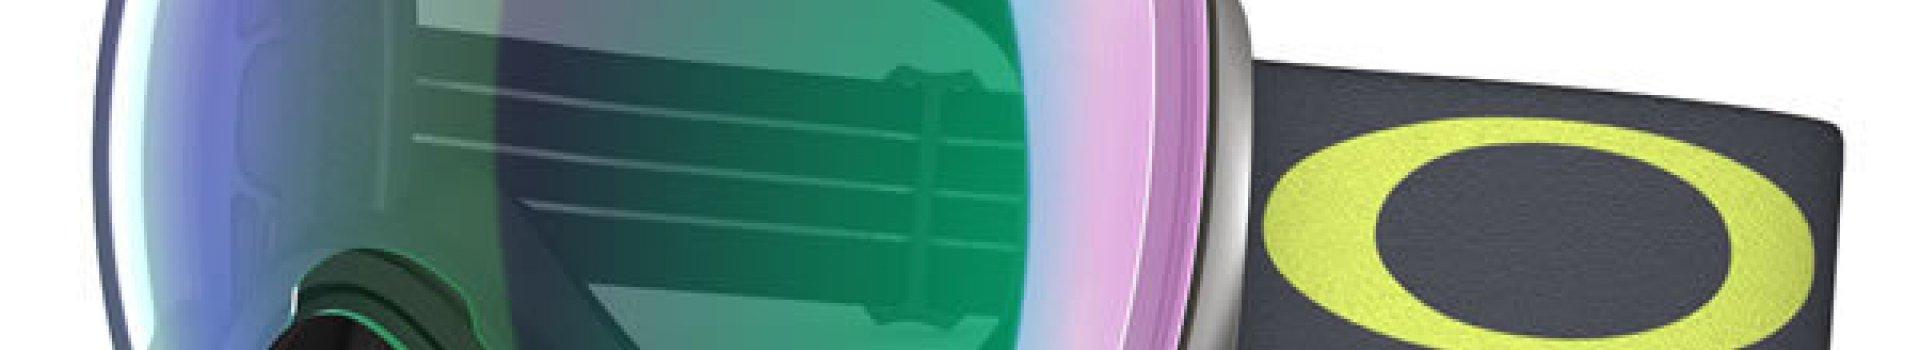 Prizm - nowa szyba w goglach Oakley